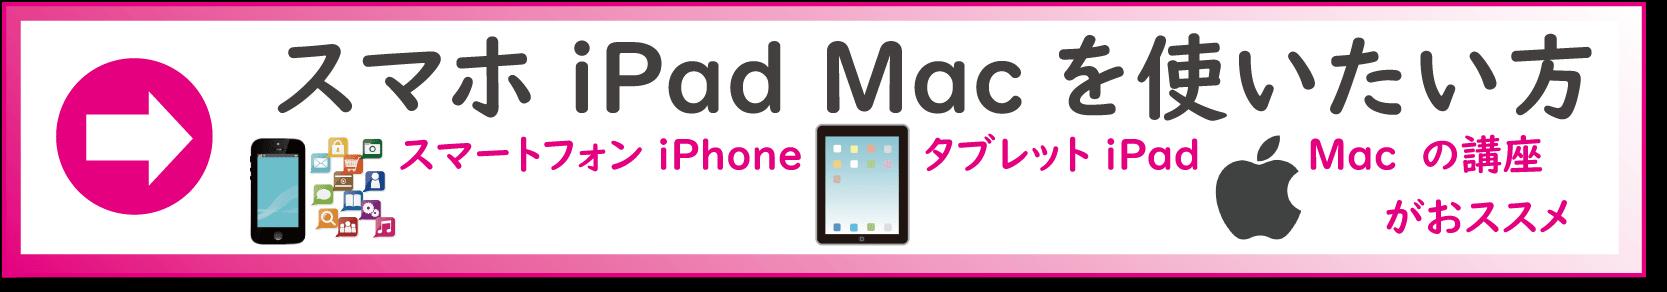 スマホ iPad Macを使いたい方:スマートフォン iPhone タブレット iPad Mac 携帯電話使い方講座 がおススメ